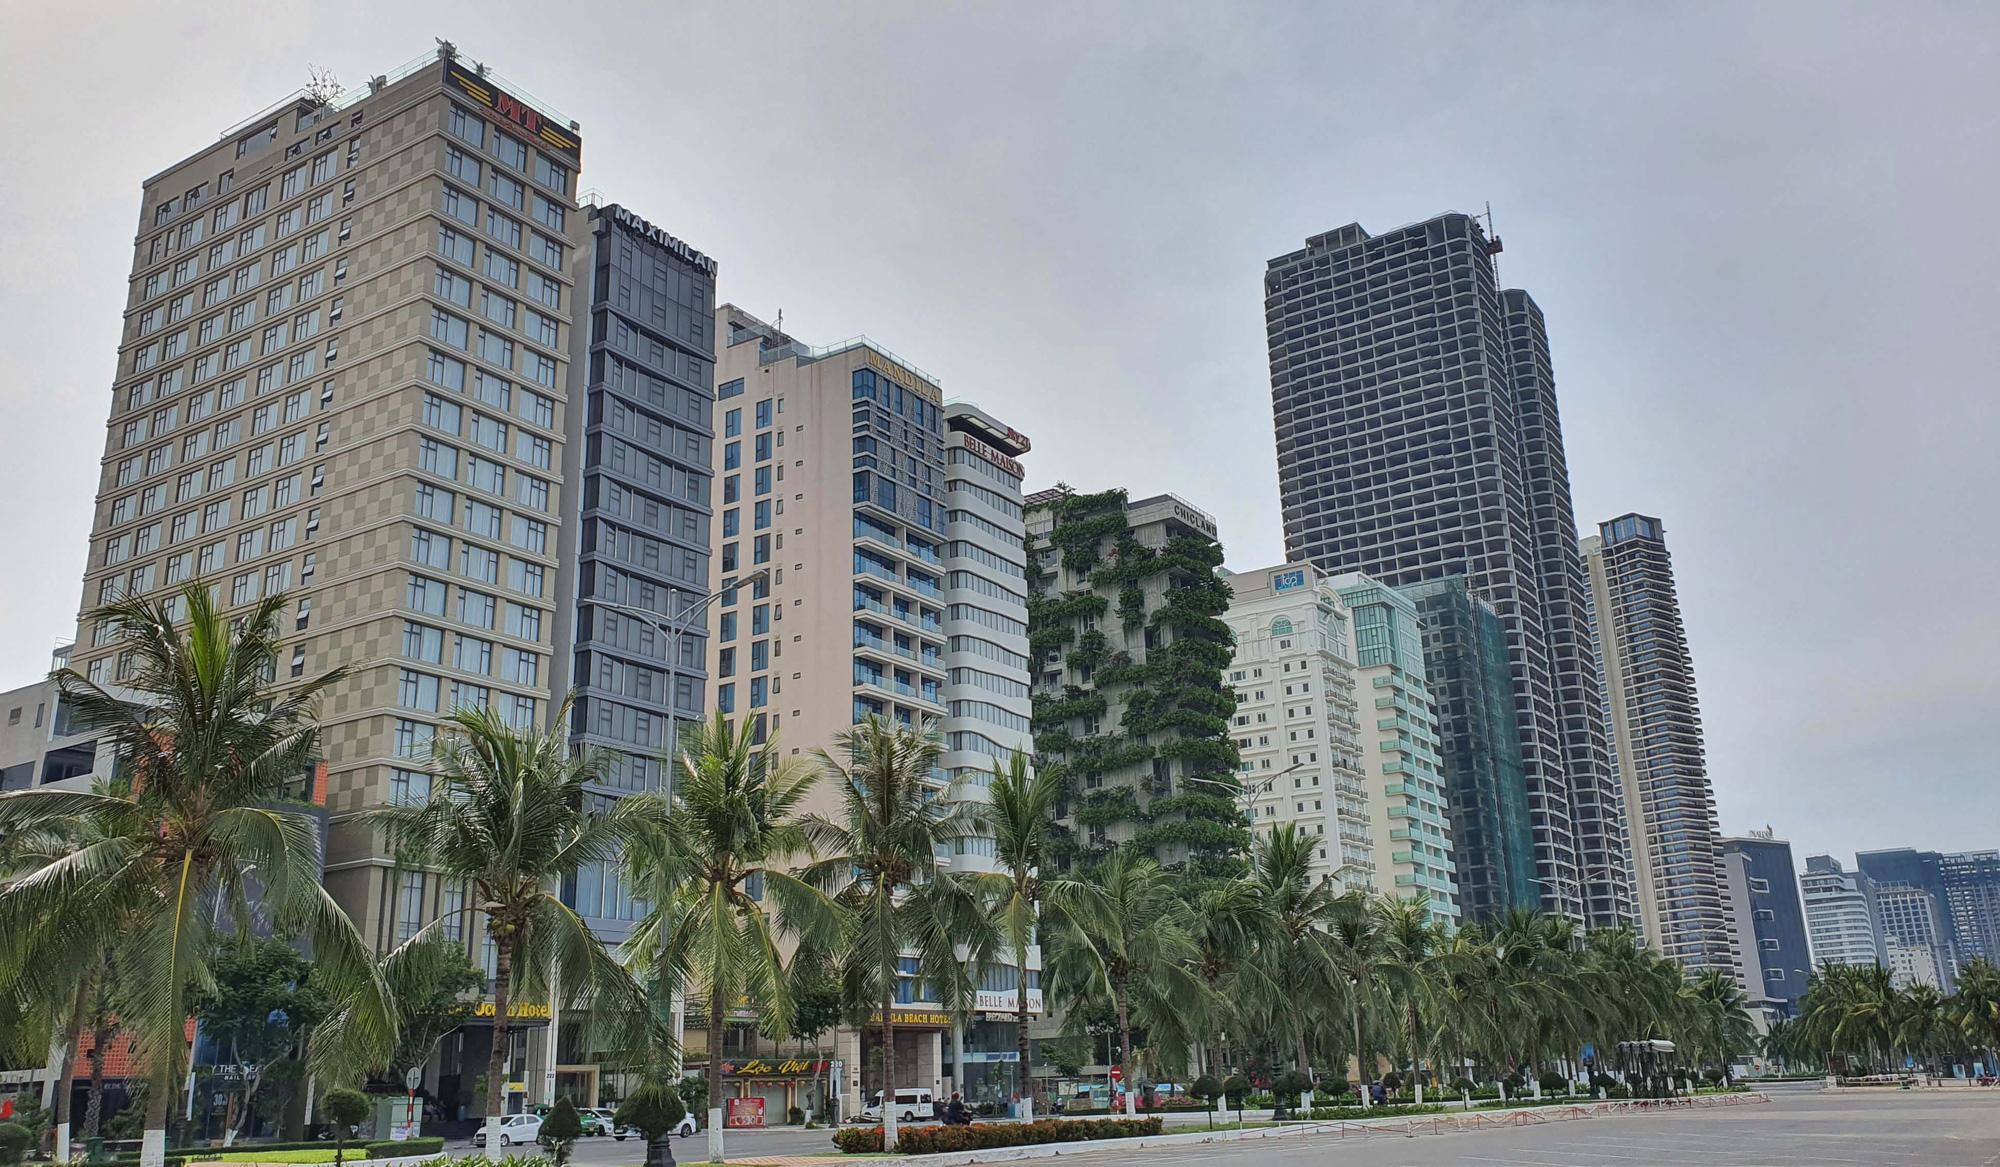 Đà Nẵng tăng cường phòng chống dịch tại các cơ sở kinh doanh dịch vụ lưu trú; Quảng Bình cách ly người đến từ vùng dịch - Ảnh 2.